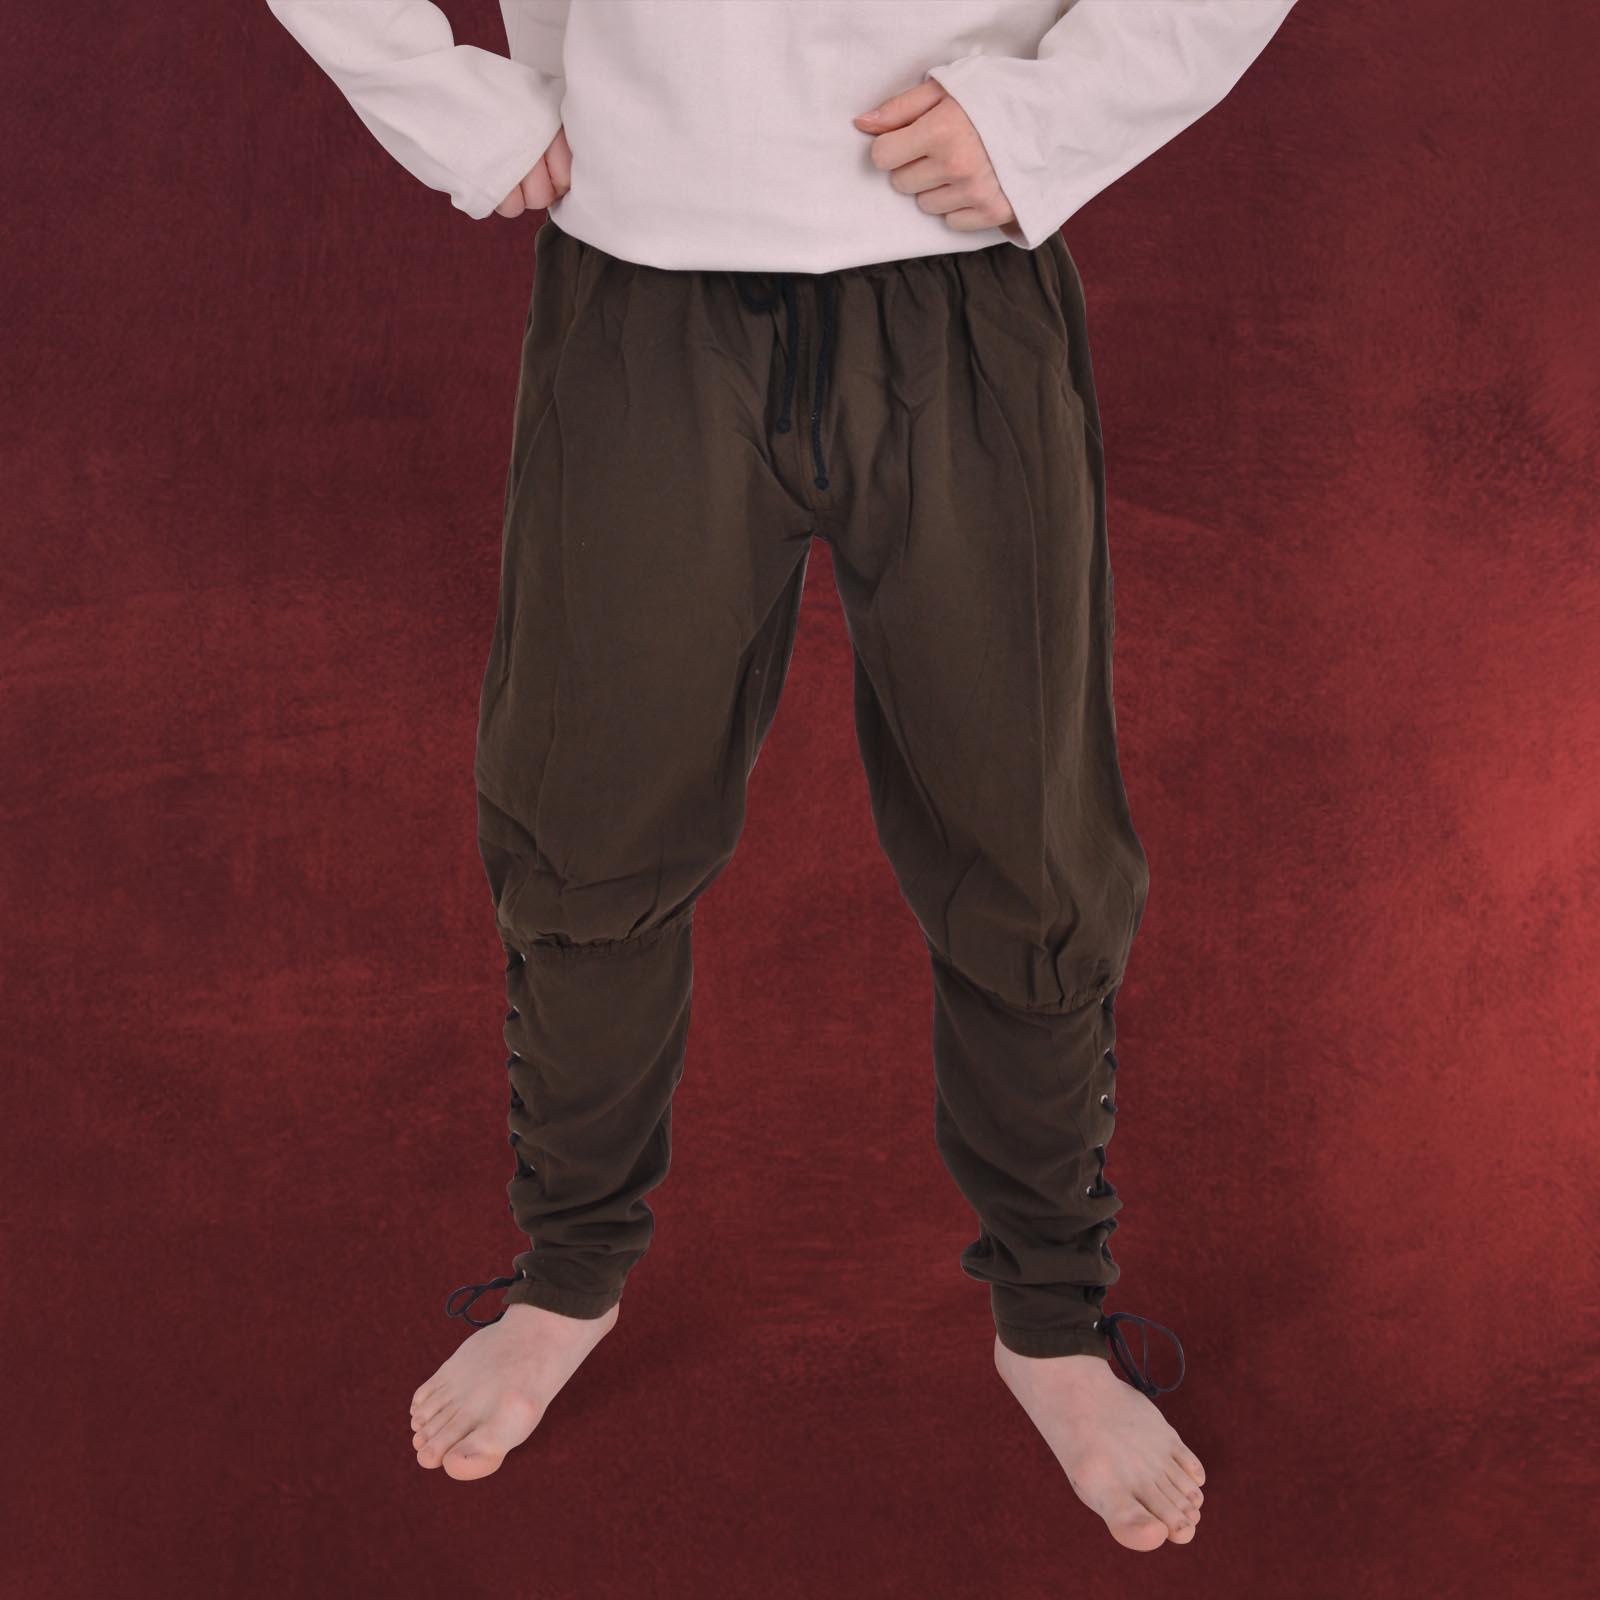 Herren hosen schnitte – Fashion of Fashion Hosen in dieser Saison